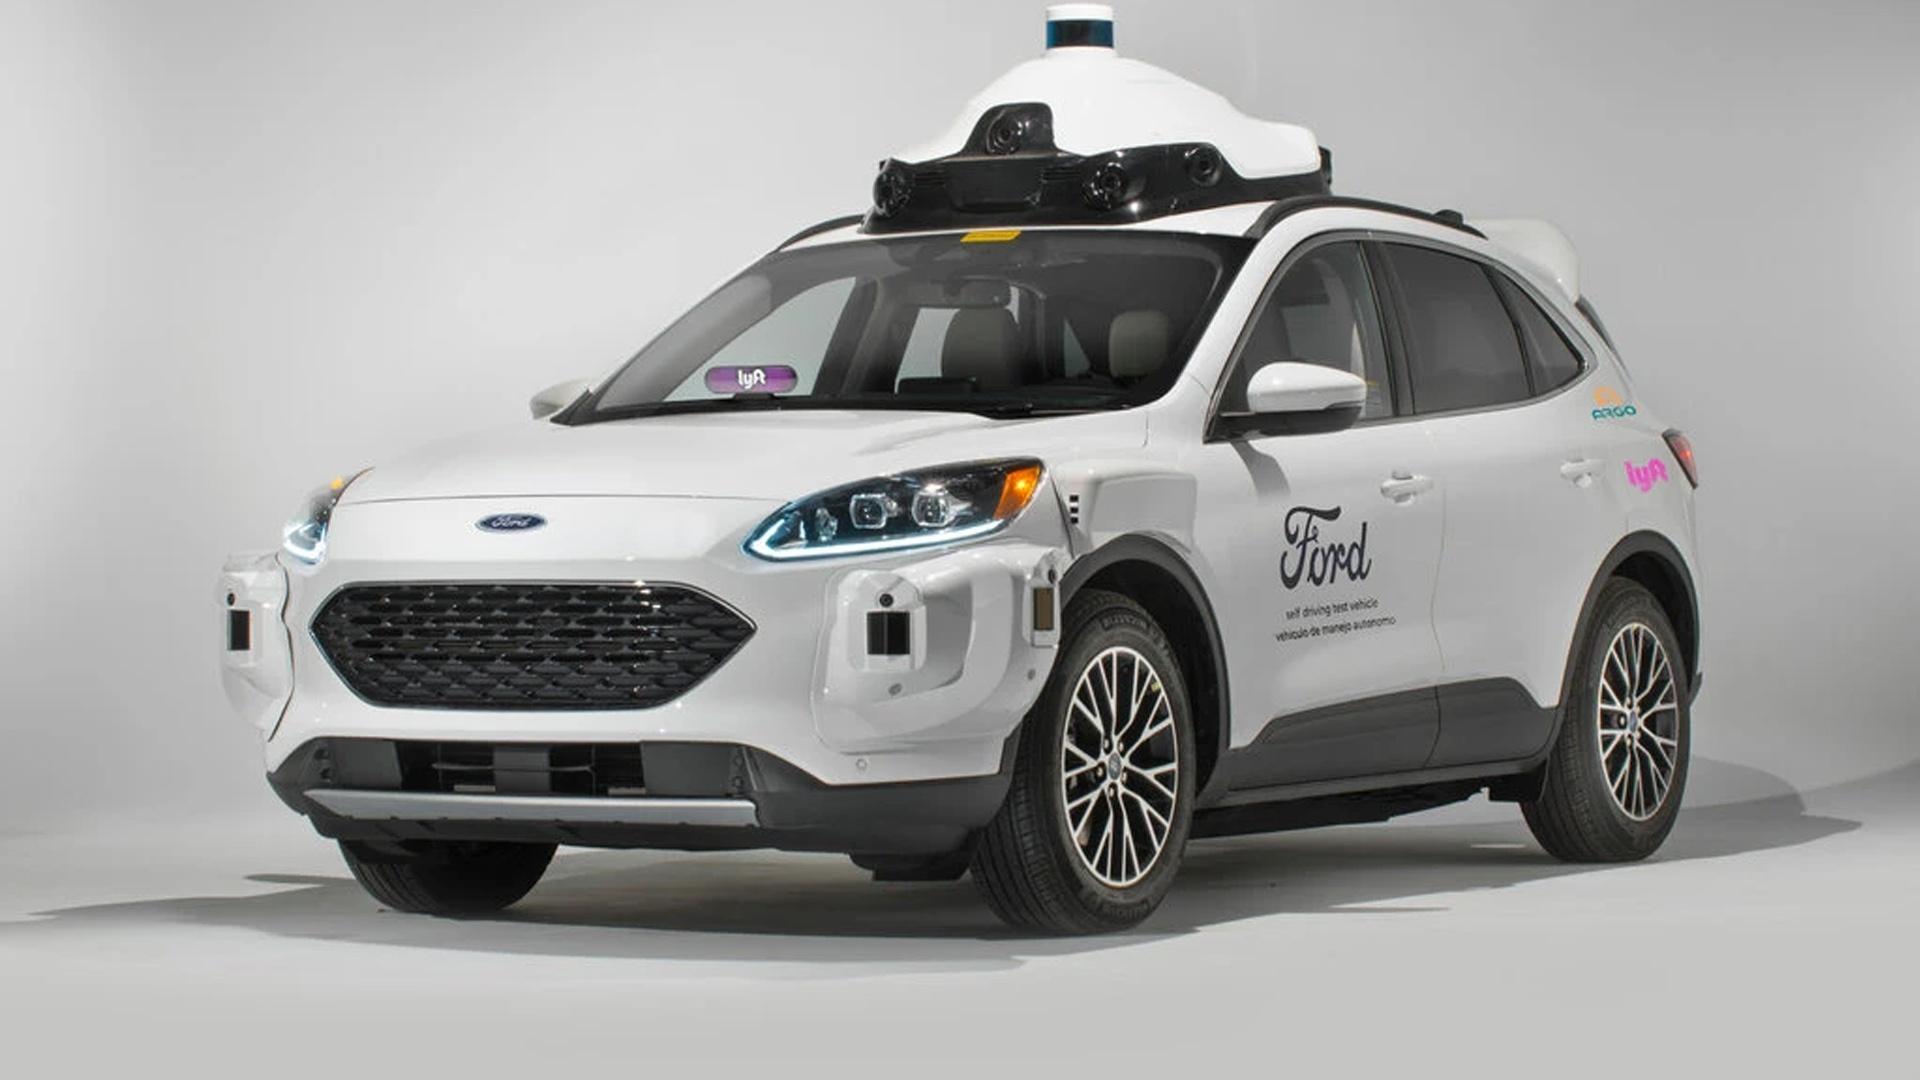 Lyft объединится с Ford и стартапом по производству беспилотных автомобилей, чтобы осуществлять поездки в Майами